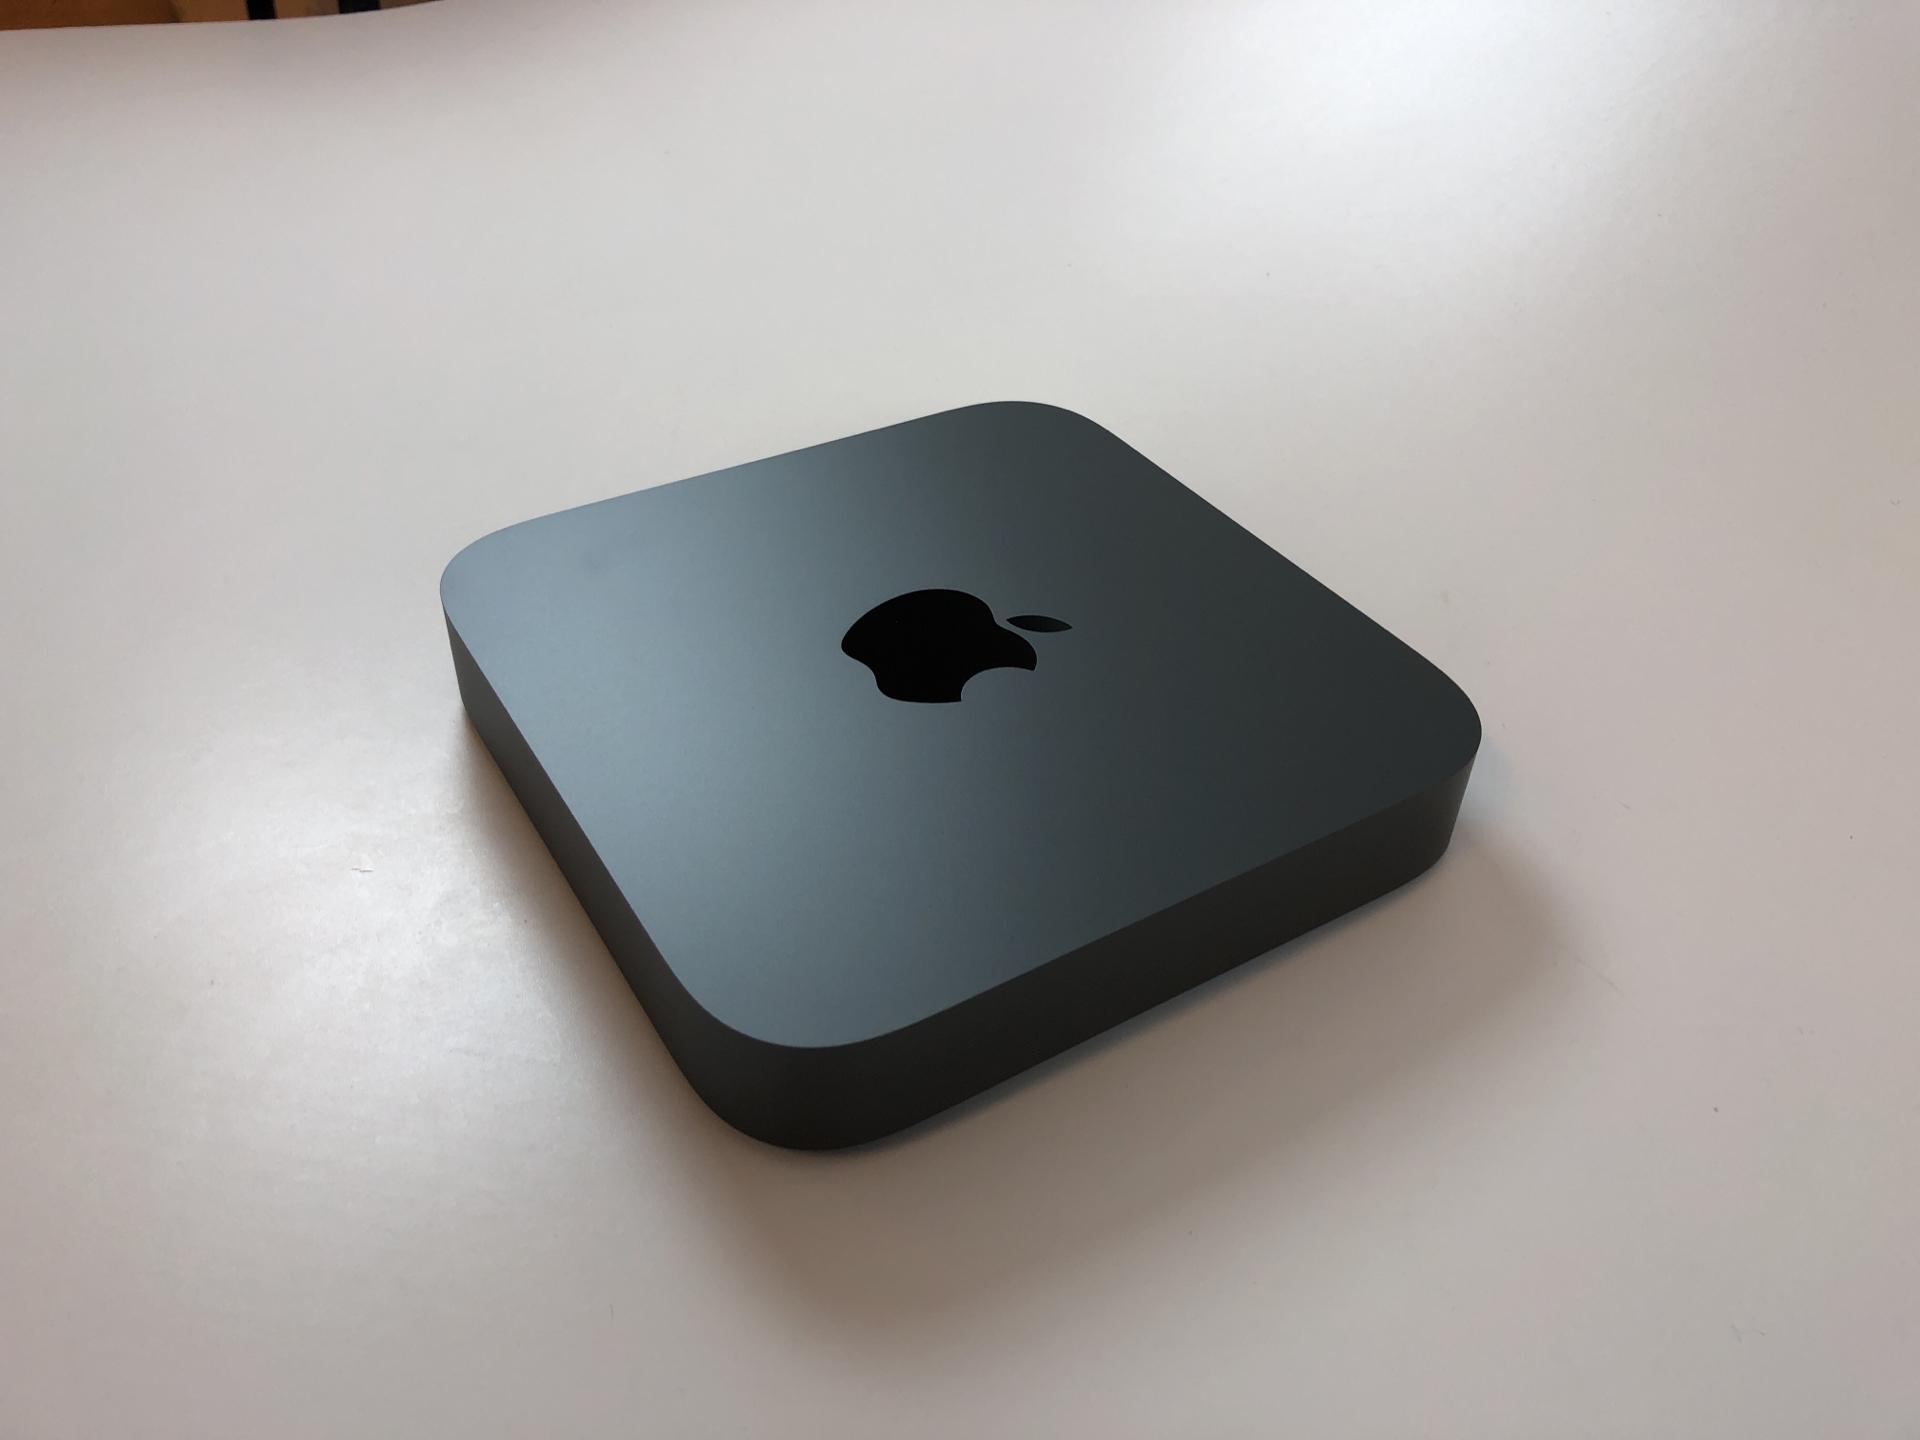 Mac Mini Late 2018 (Intel 6-Core i7 3.2 GHz 32 GB RAM 512 GB SSD), Intel 6-Core i7 3.2 GHz, 32 GB RAM, 512 GB SSD, obraz 2